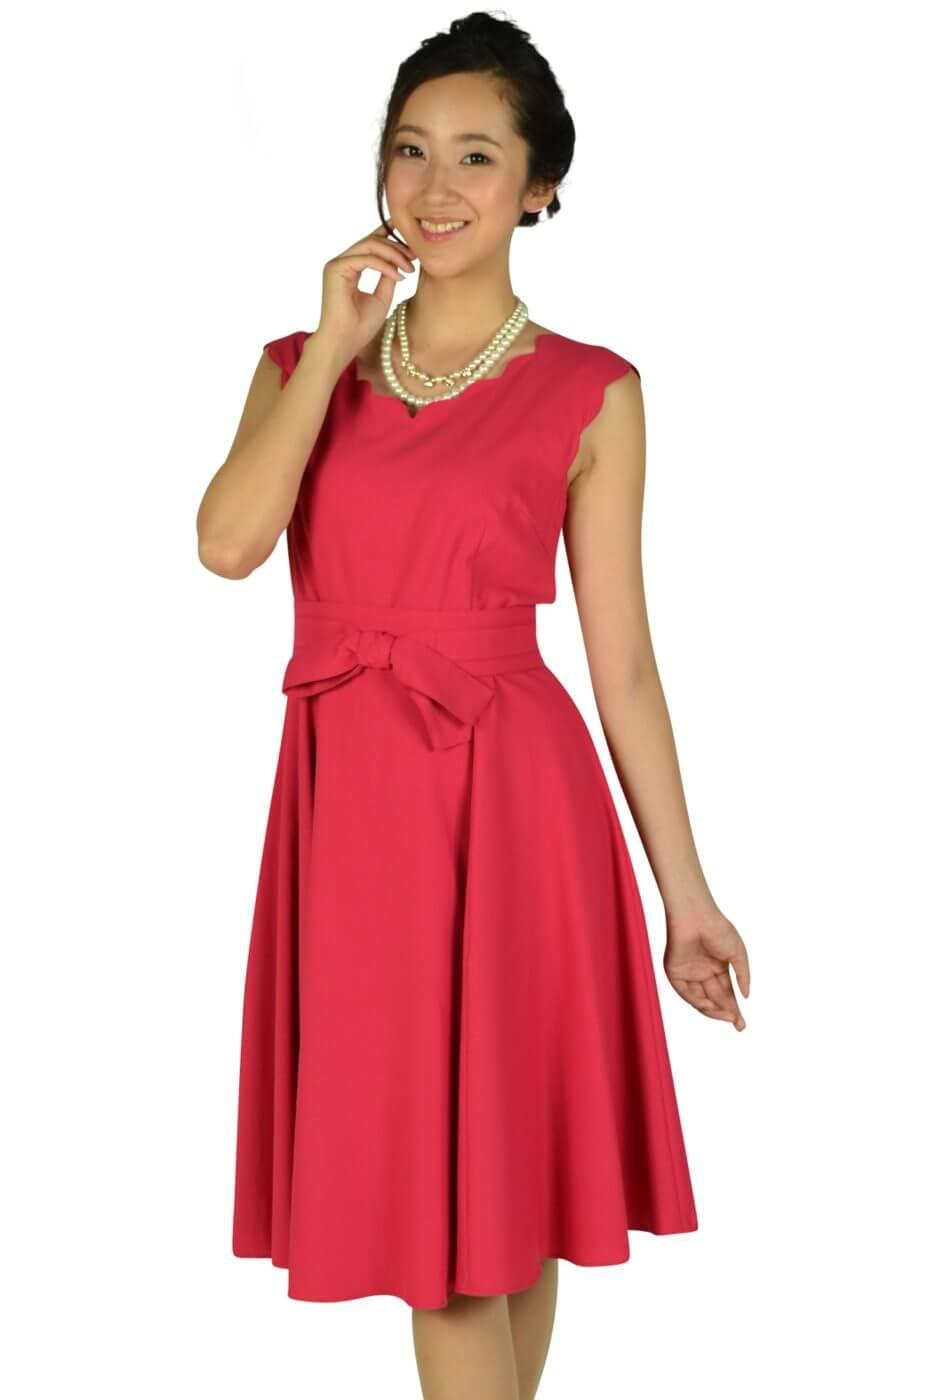 アプワイザー・リッシェ (Apuweiser-riche)スカラップカットストロベリーピンクドレス